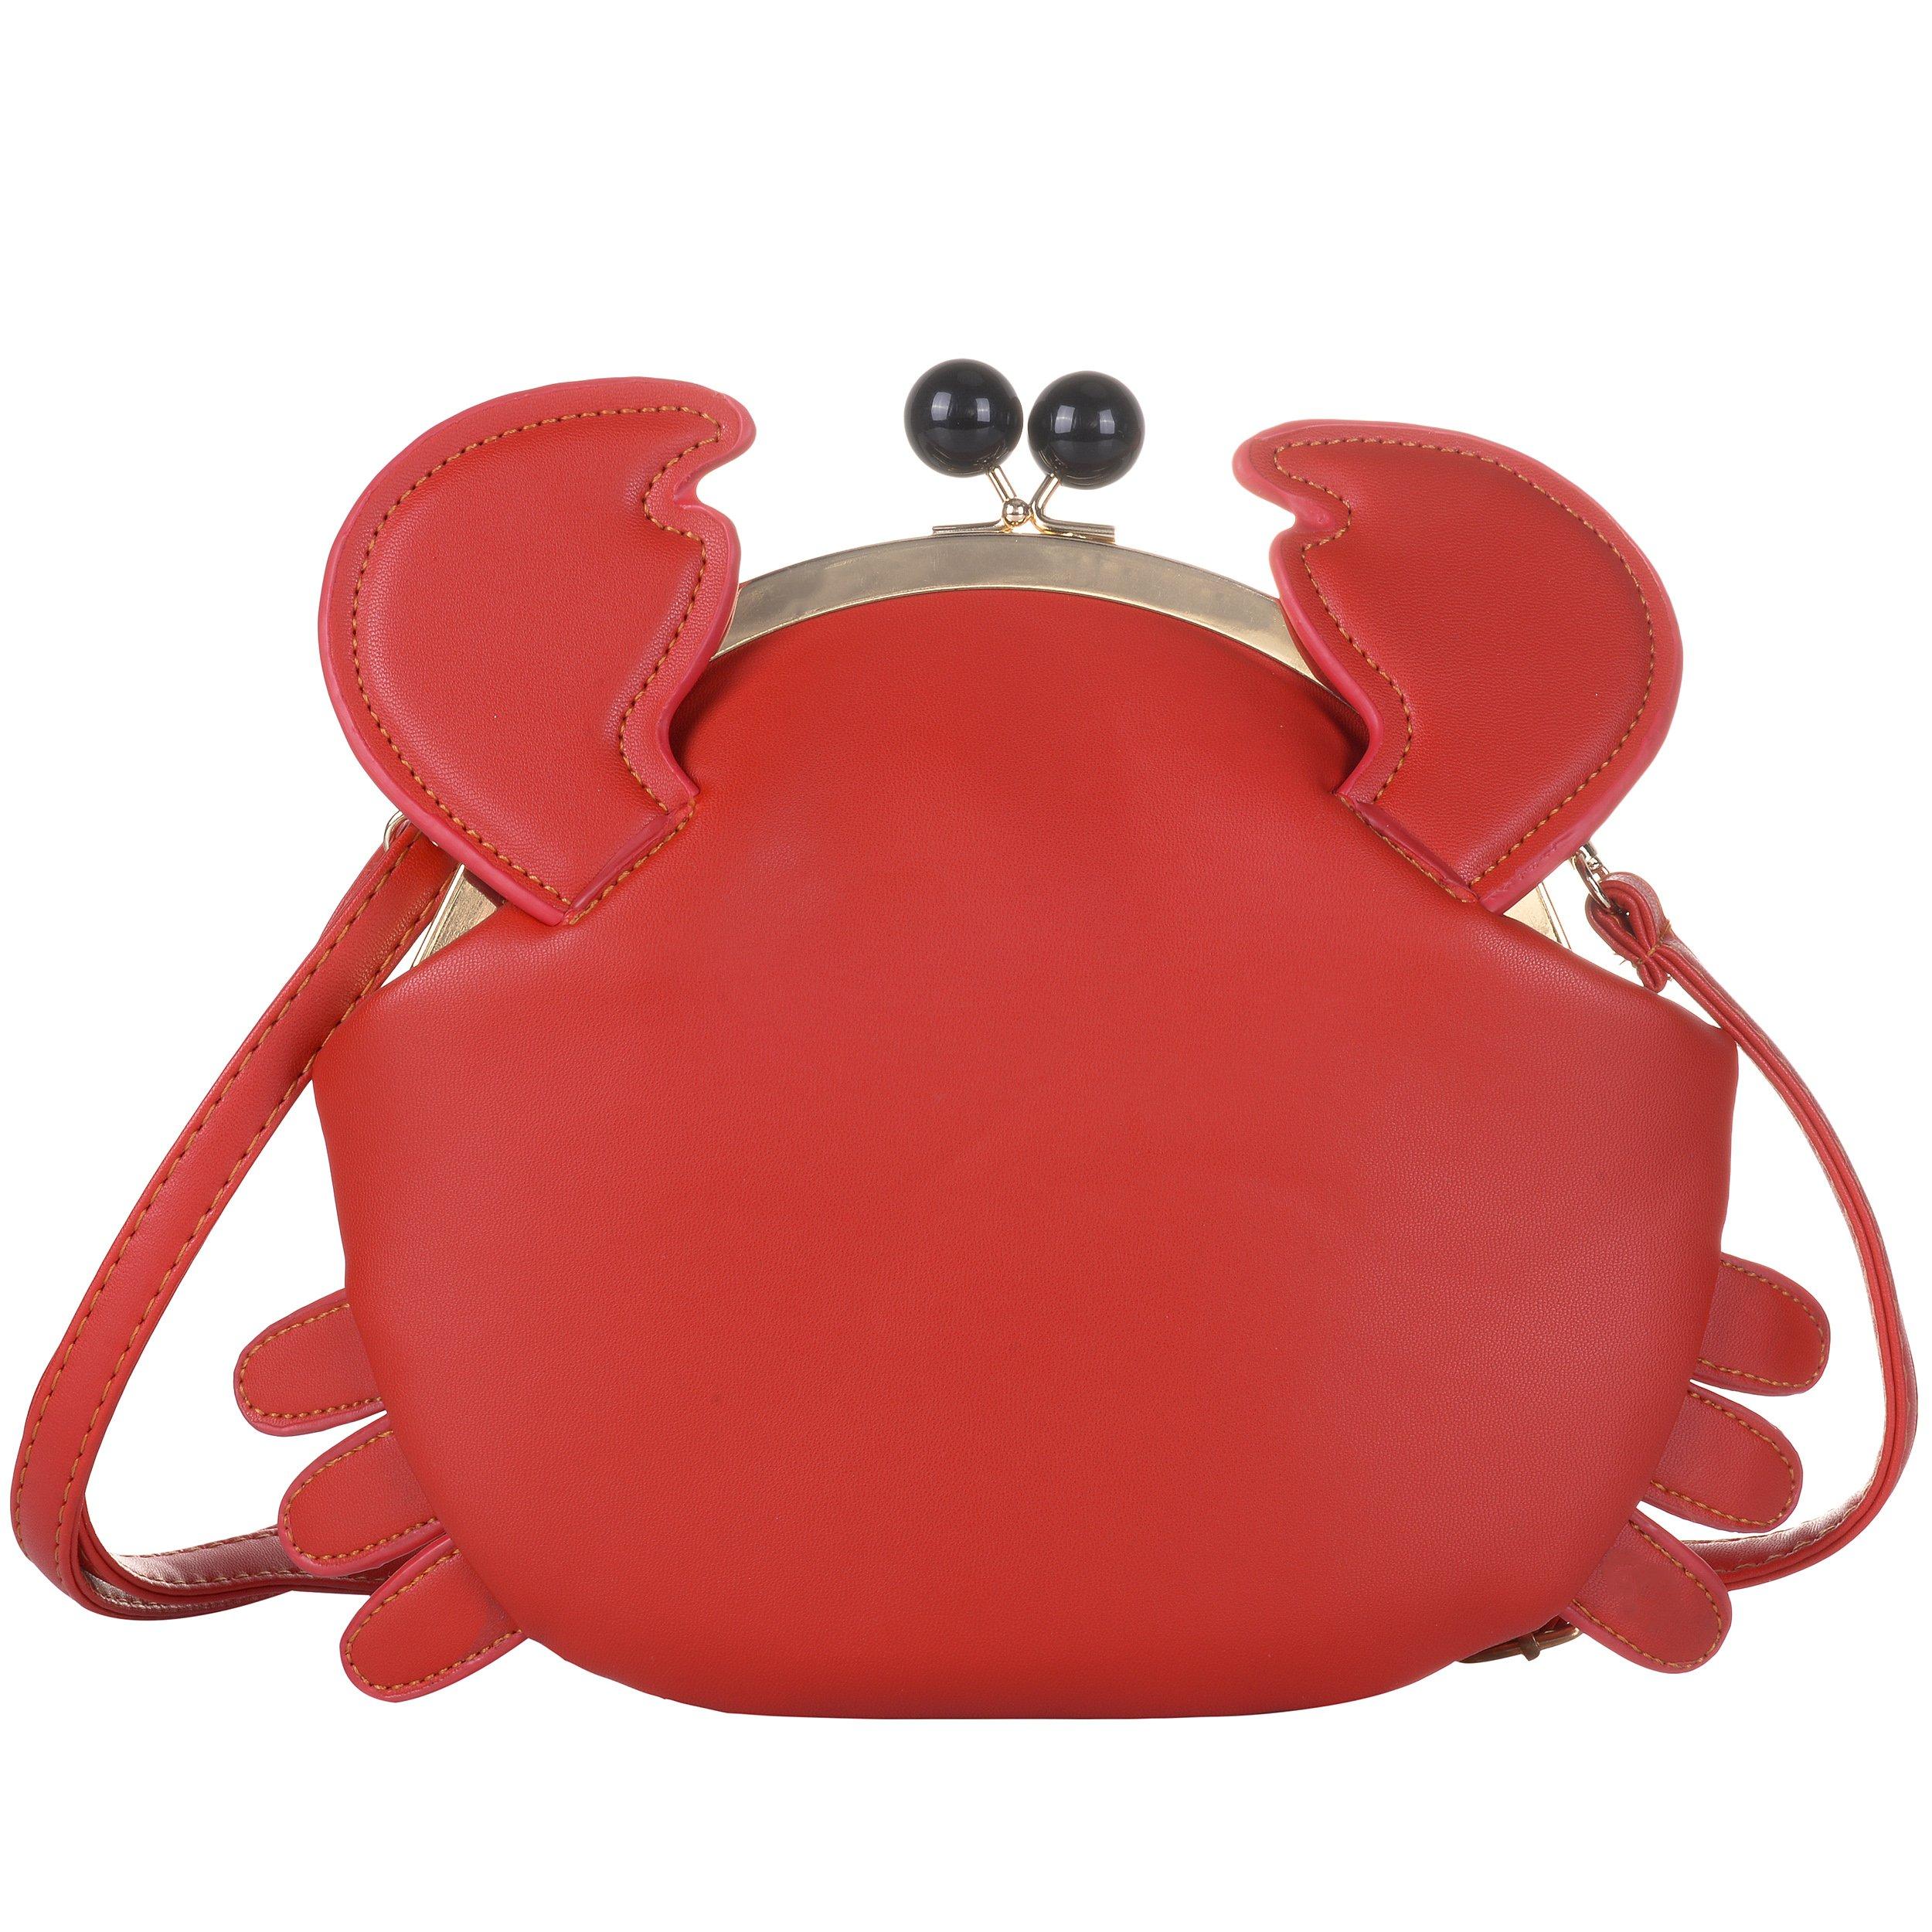 QZUnique Women's PU Crab Clasp Closure Tote Handbag Cute Satchel Cross Body Shoulder Bag Red